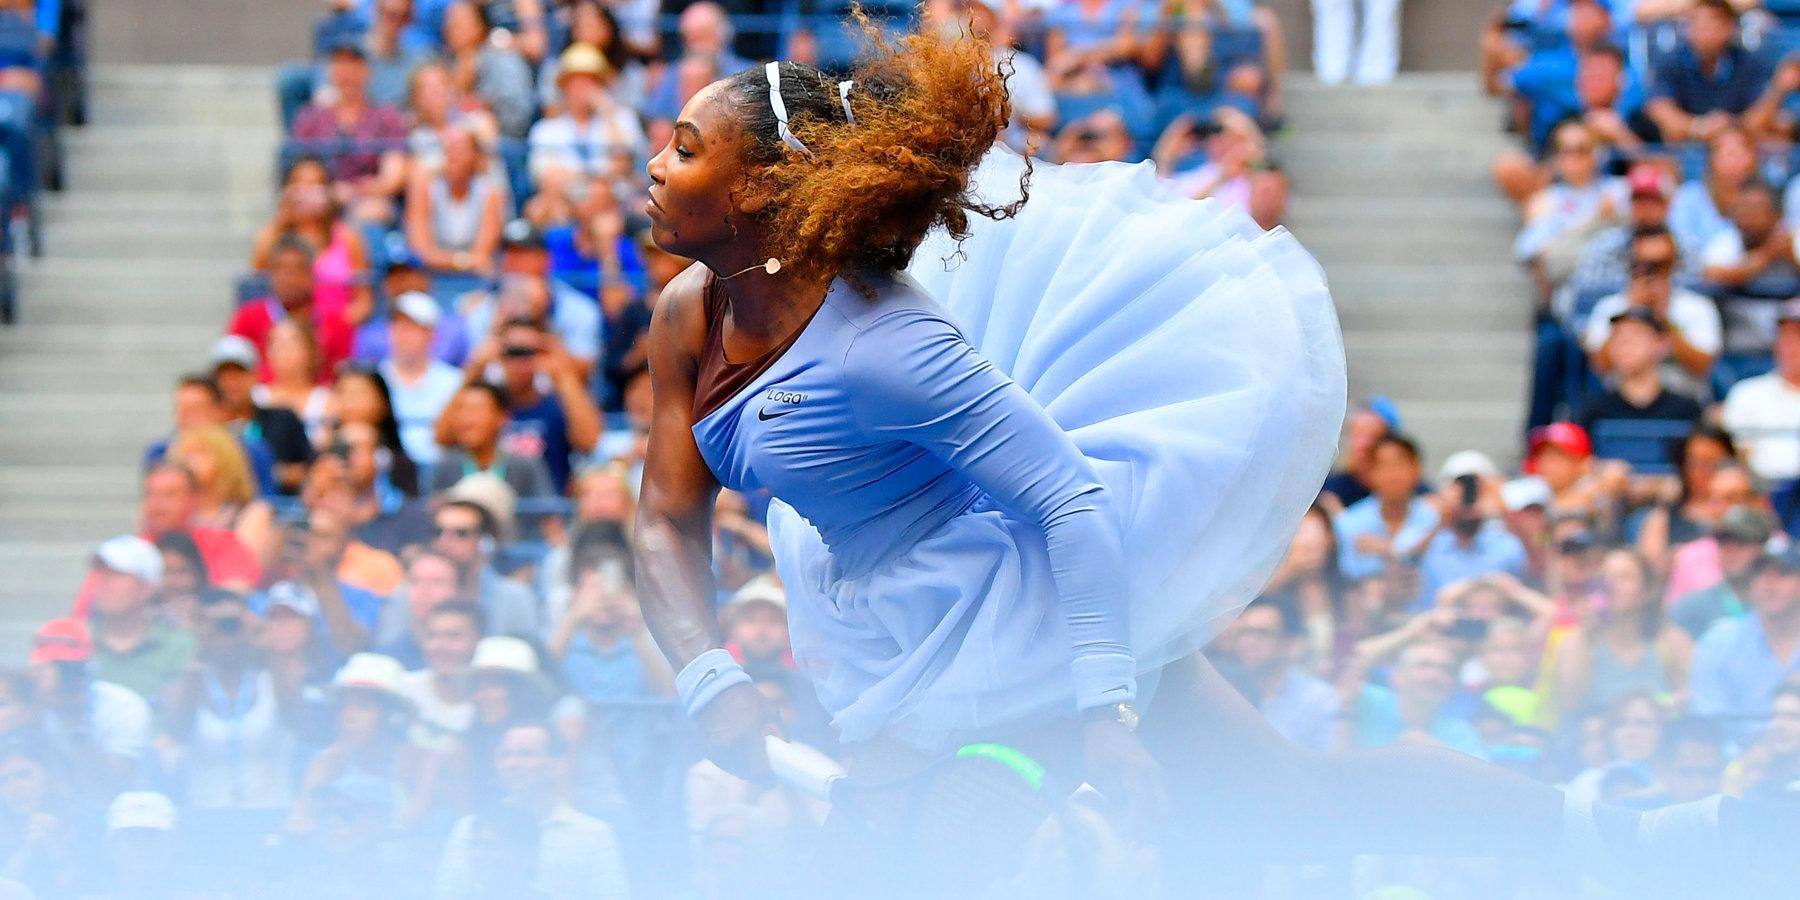 Серена Уильямс записала свою трехлетнюю дочь на теннисные курсы